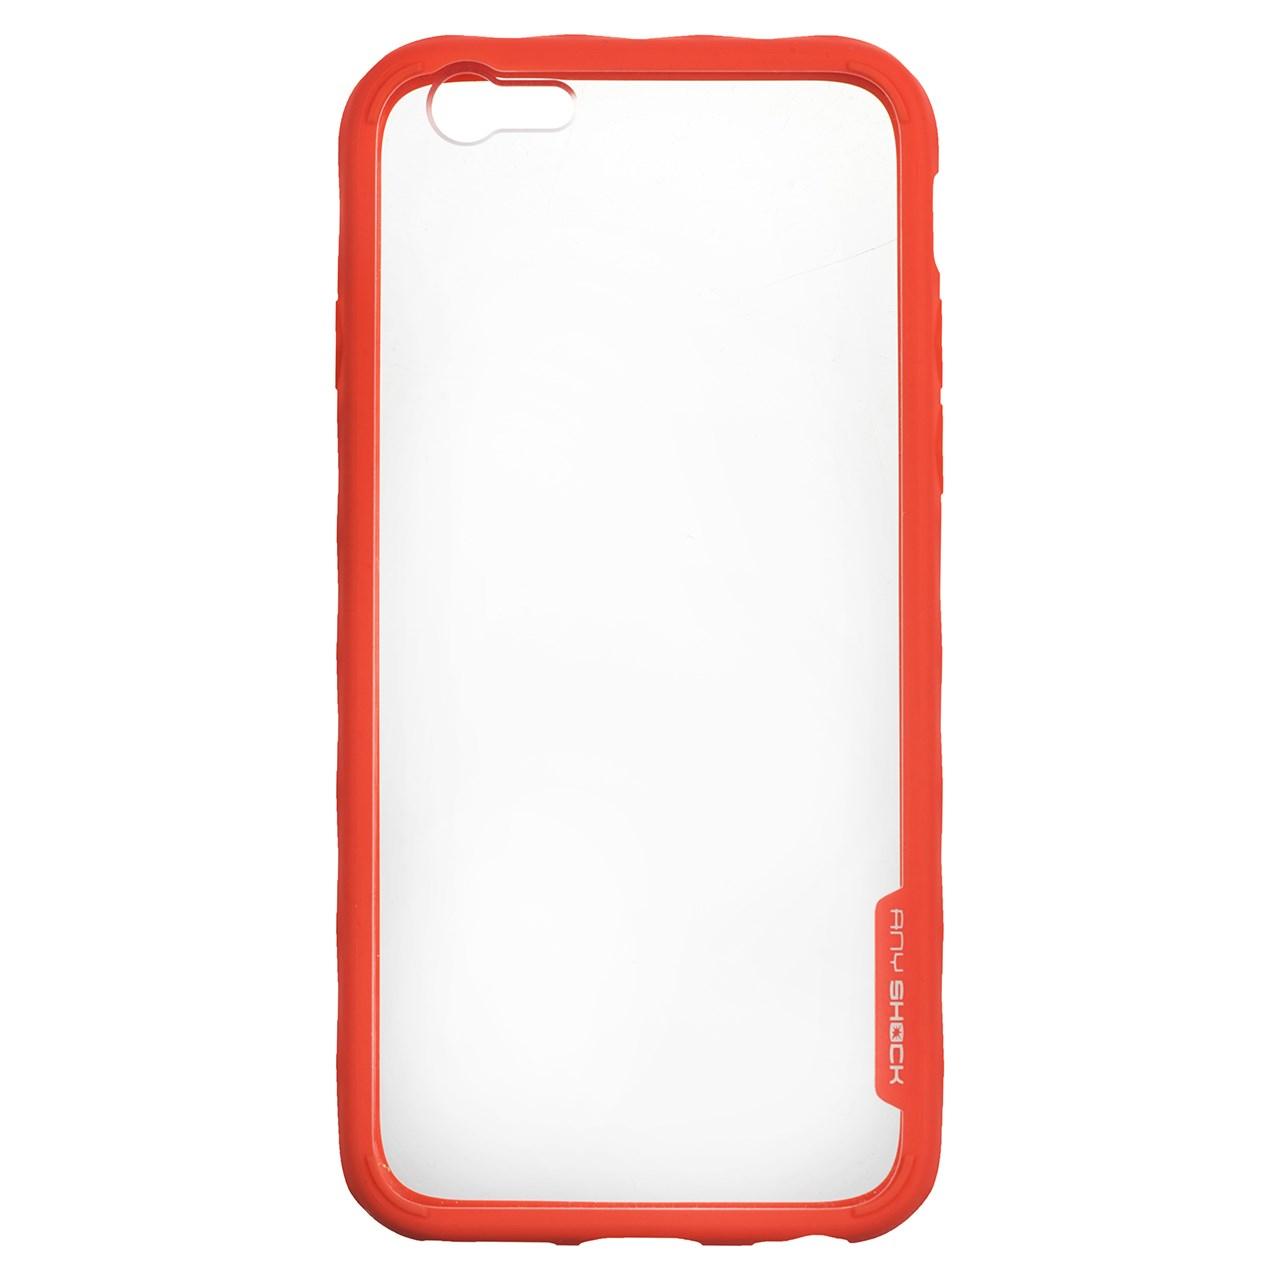 کاور انی شوک مدل Air Cushion مناسب برای گوشی موبایل آیفون 6/6s              ( قیمت و خرید)